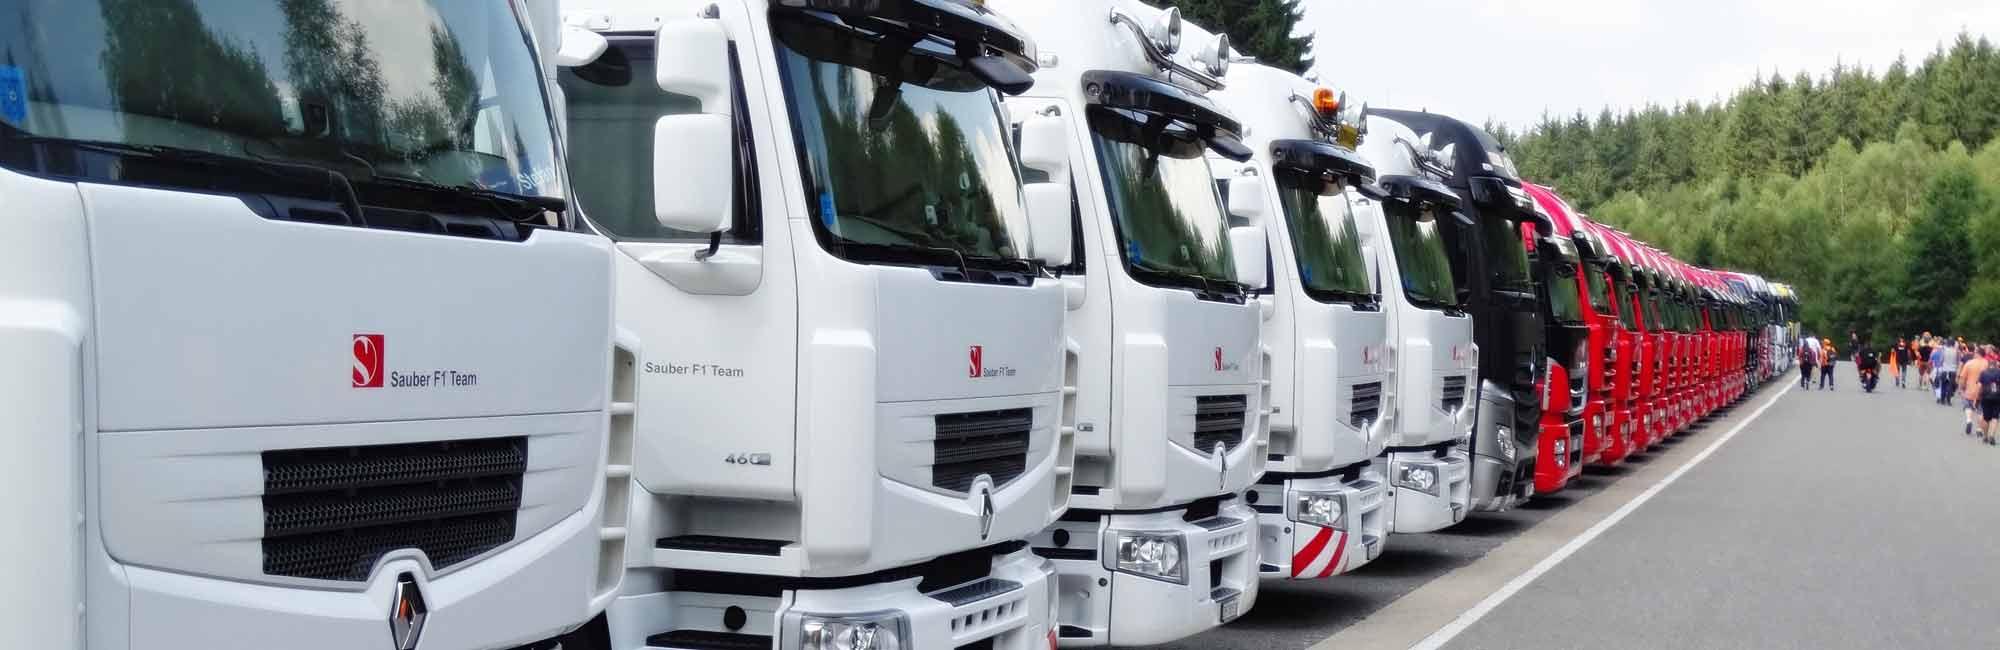 Scania, DAF en Volvo - Truckinterieur De Regt |  Vrachtwagenbekleding voor Scania, Volvo en DAF | Stadskanaal